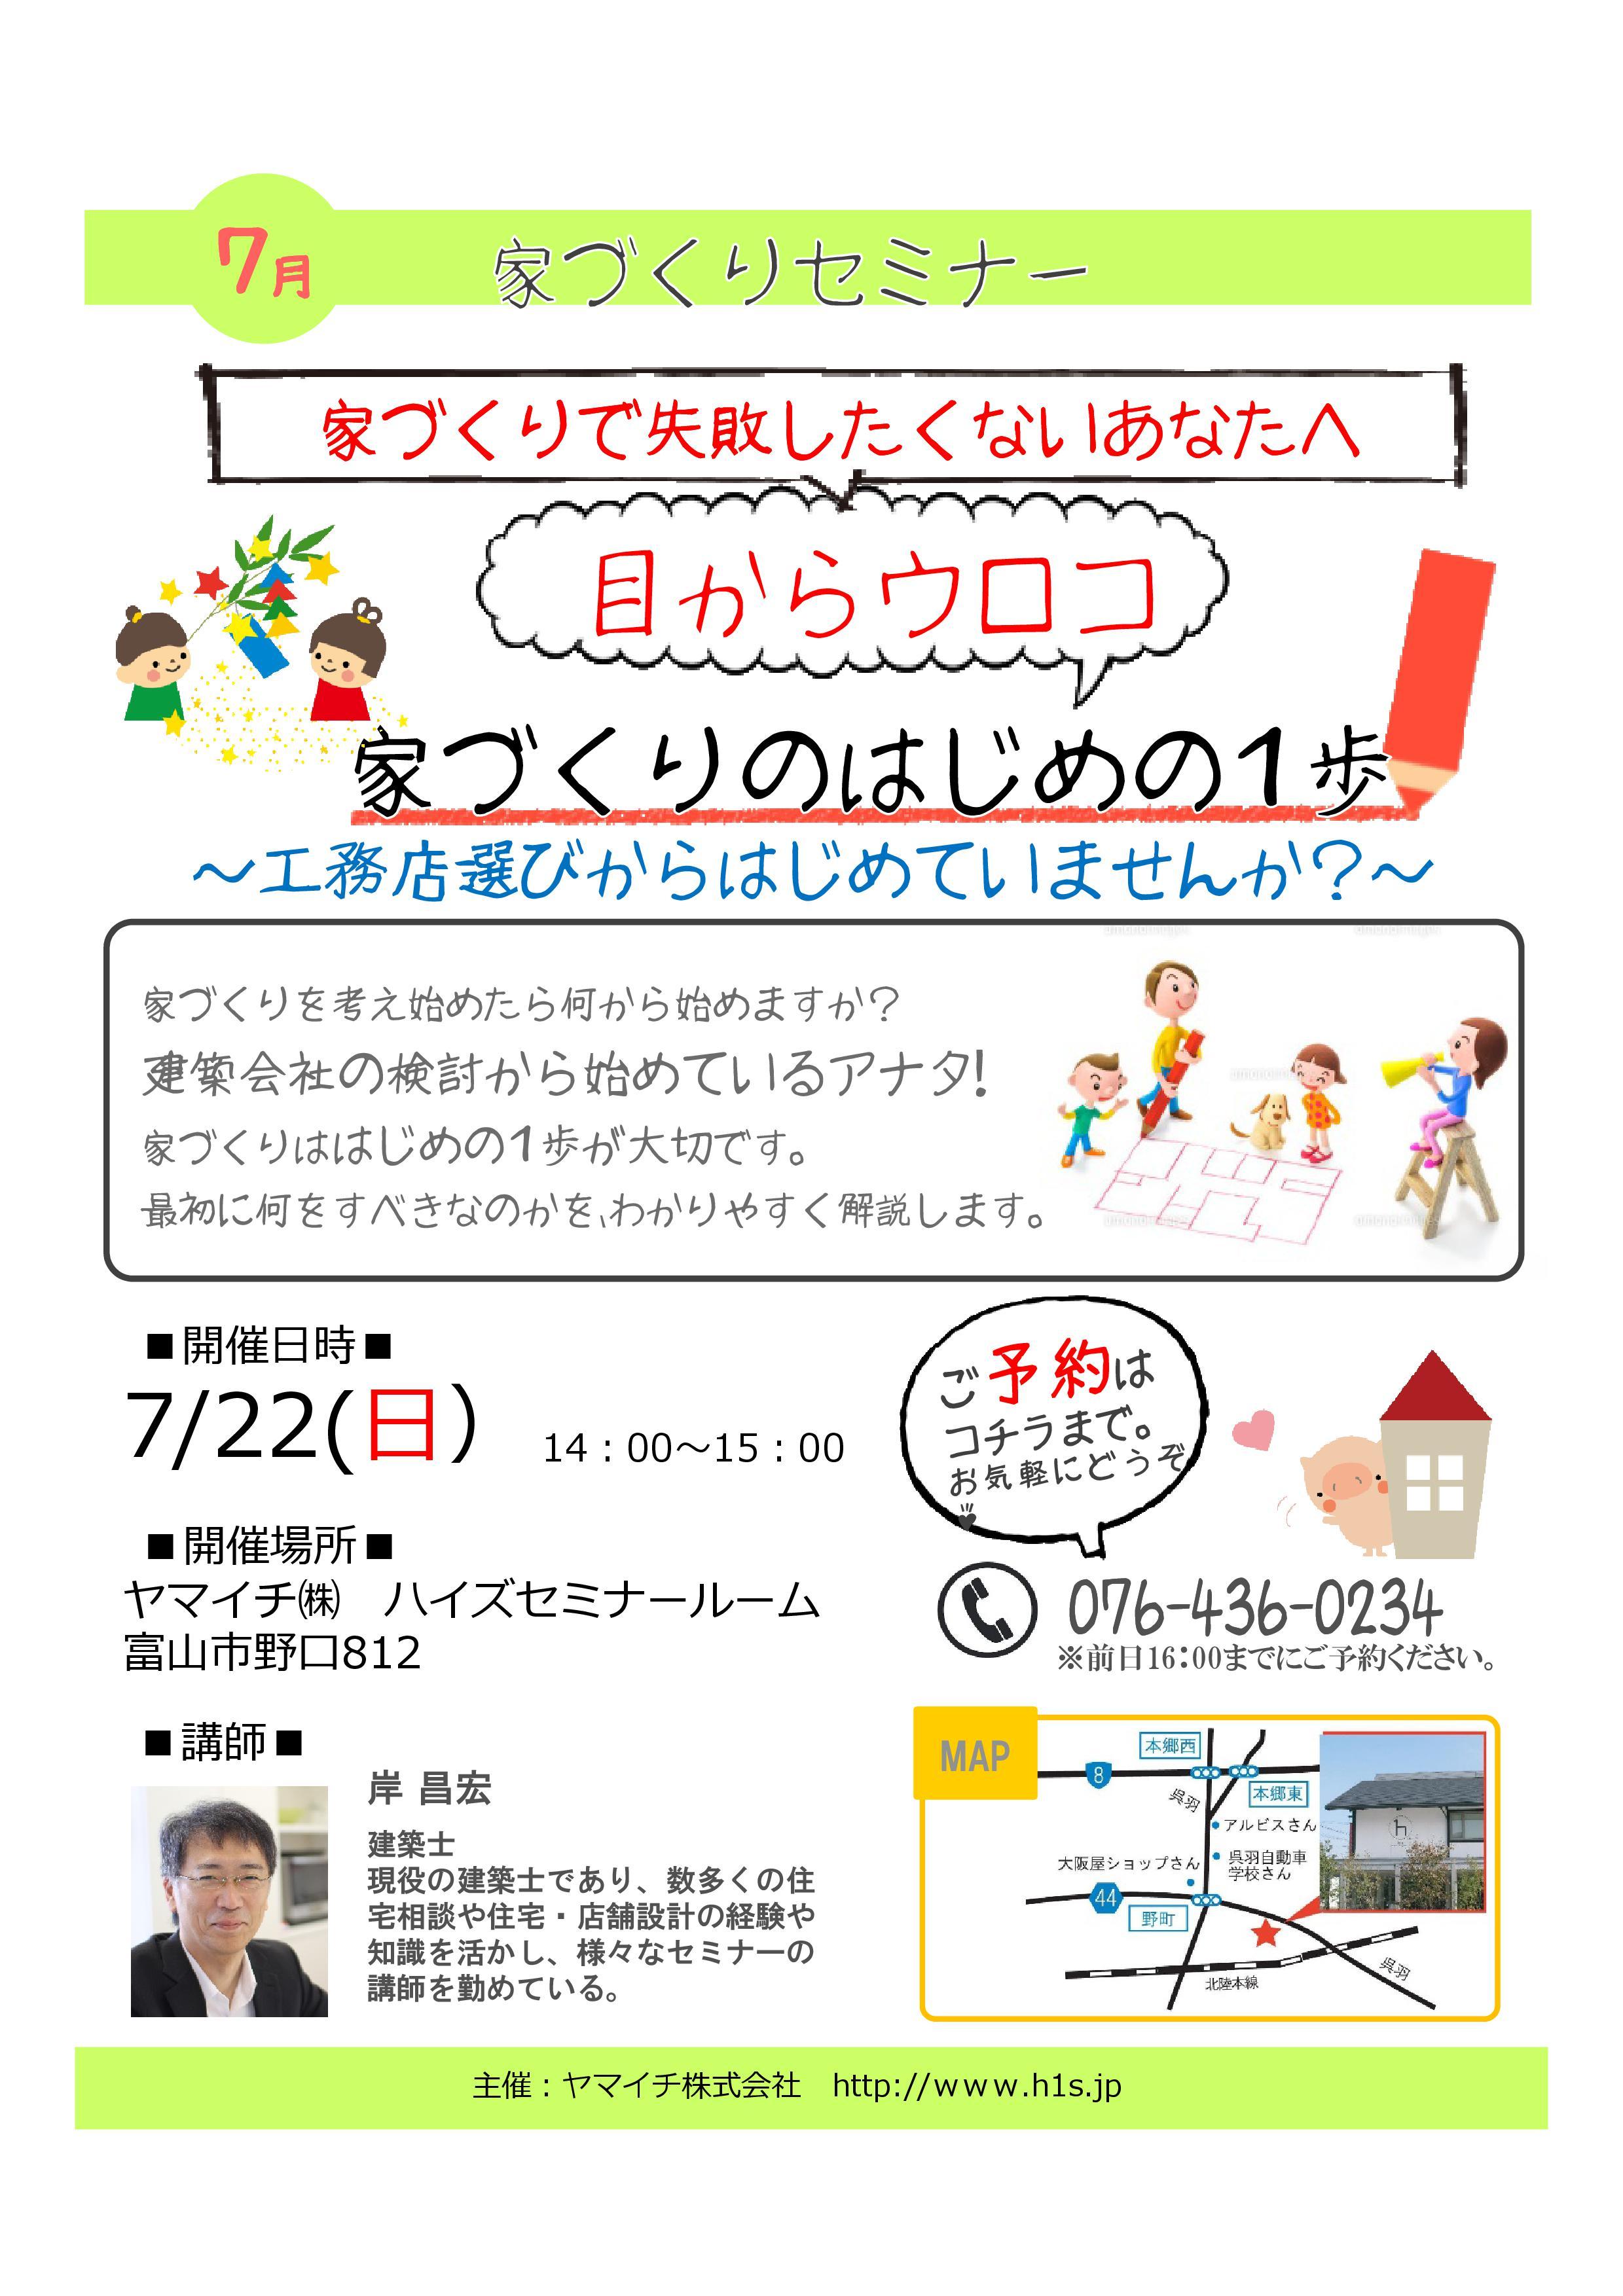 【セミナー】7/22(日)「家づくりのはじめの一歩」